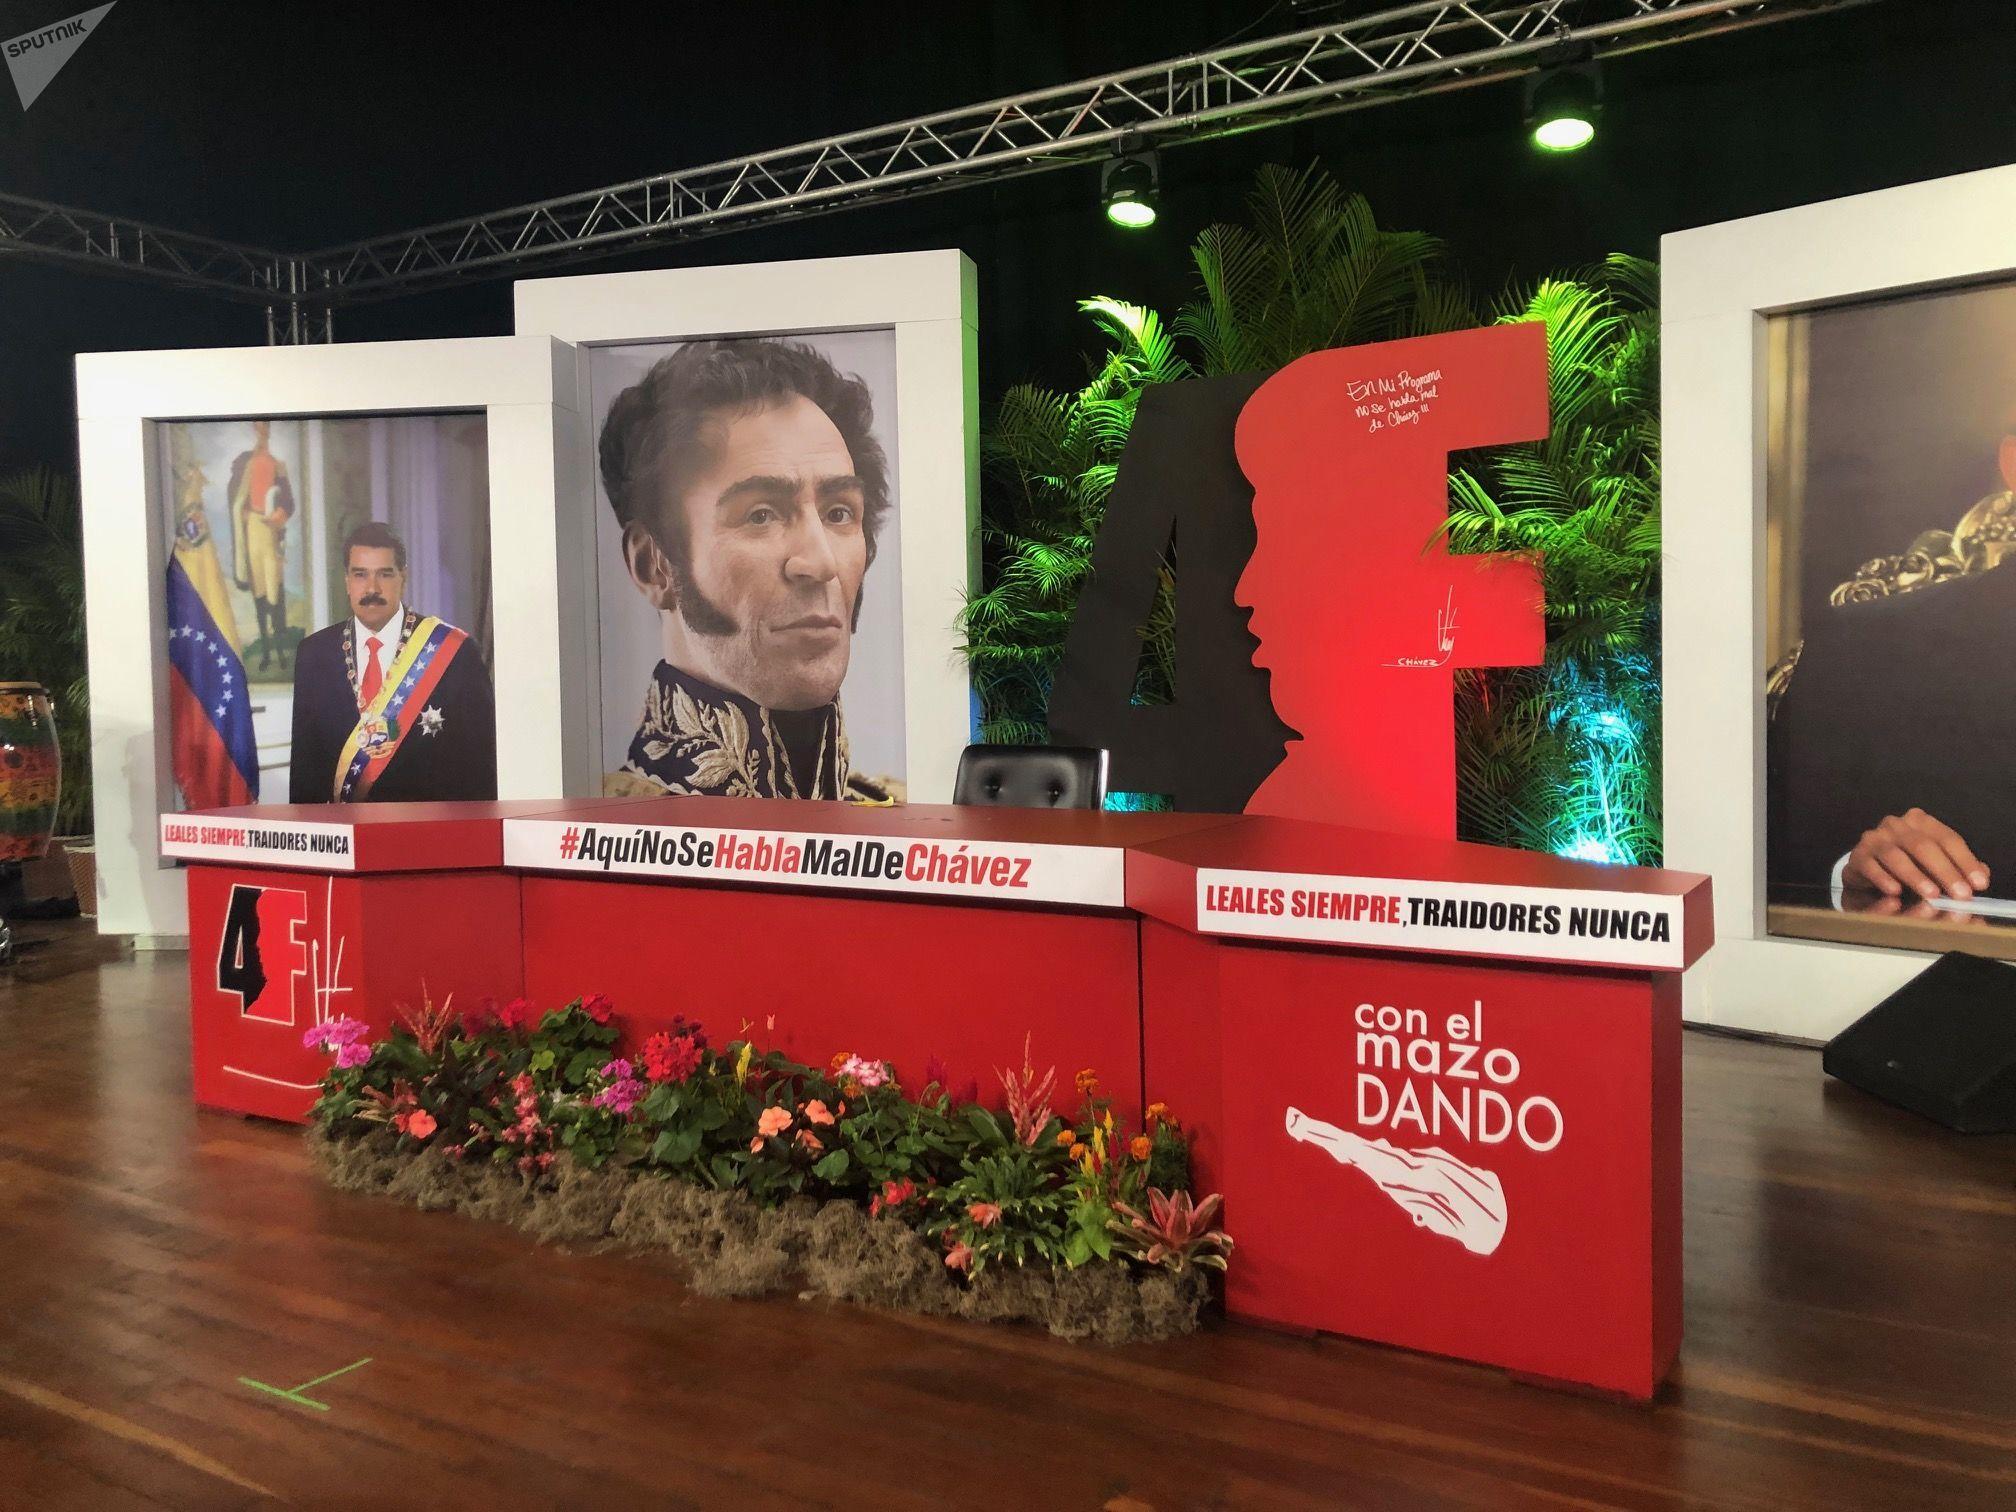 Maduro, Bolívar y Chávez están representados a gran escala en el estudio de 'Con el mazo dando'